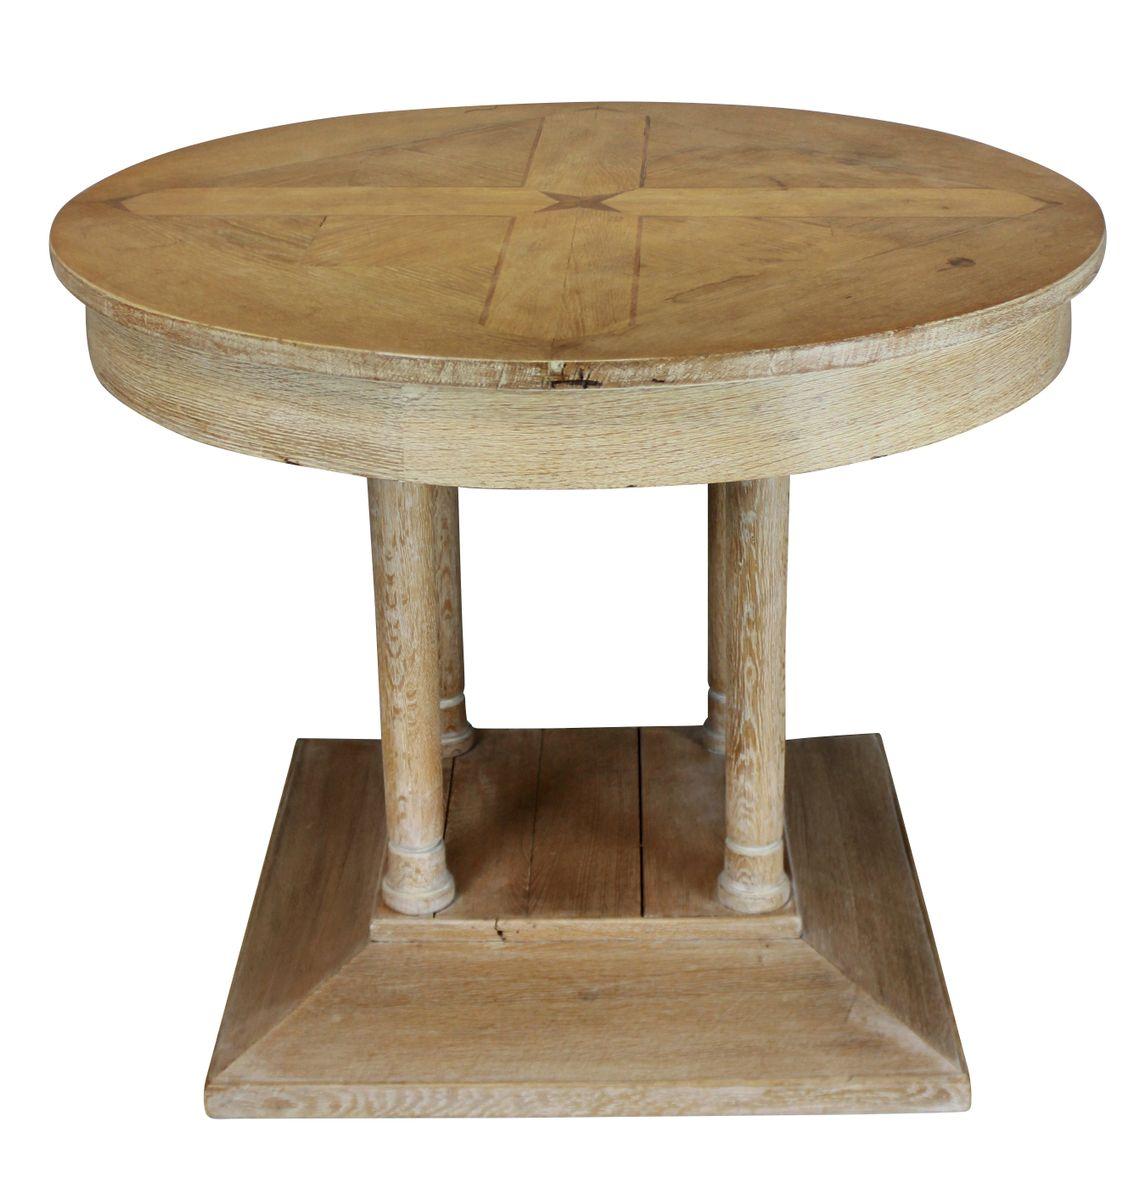 Französischer Vintage Tisch aus geleimter Eiche mit Pfeilern